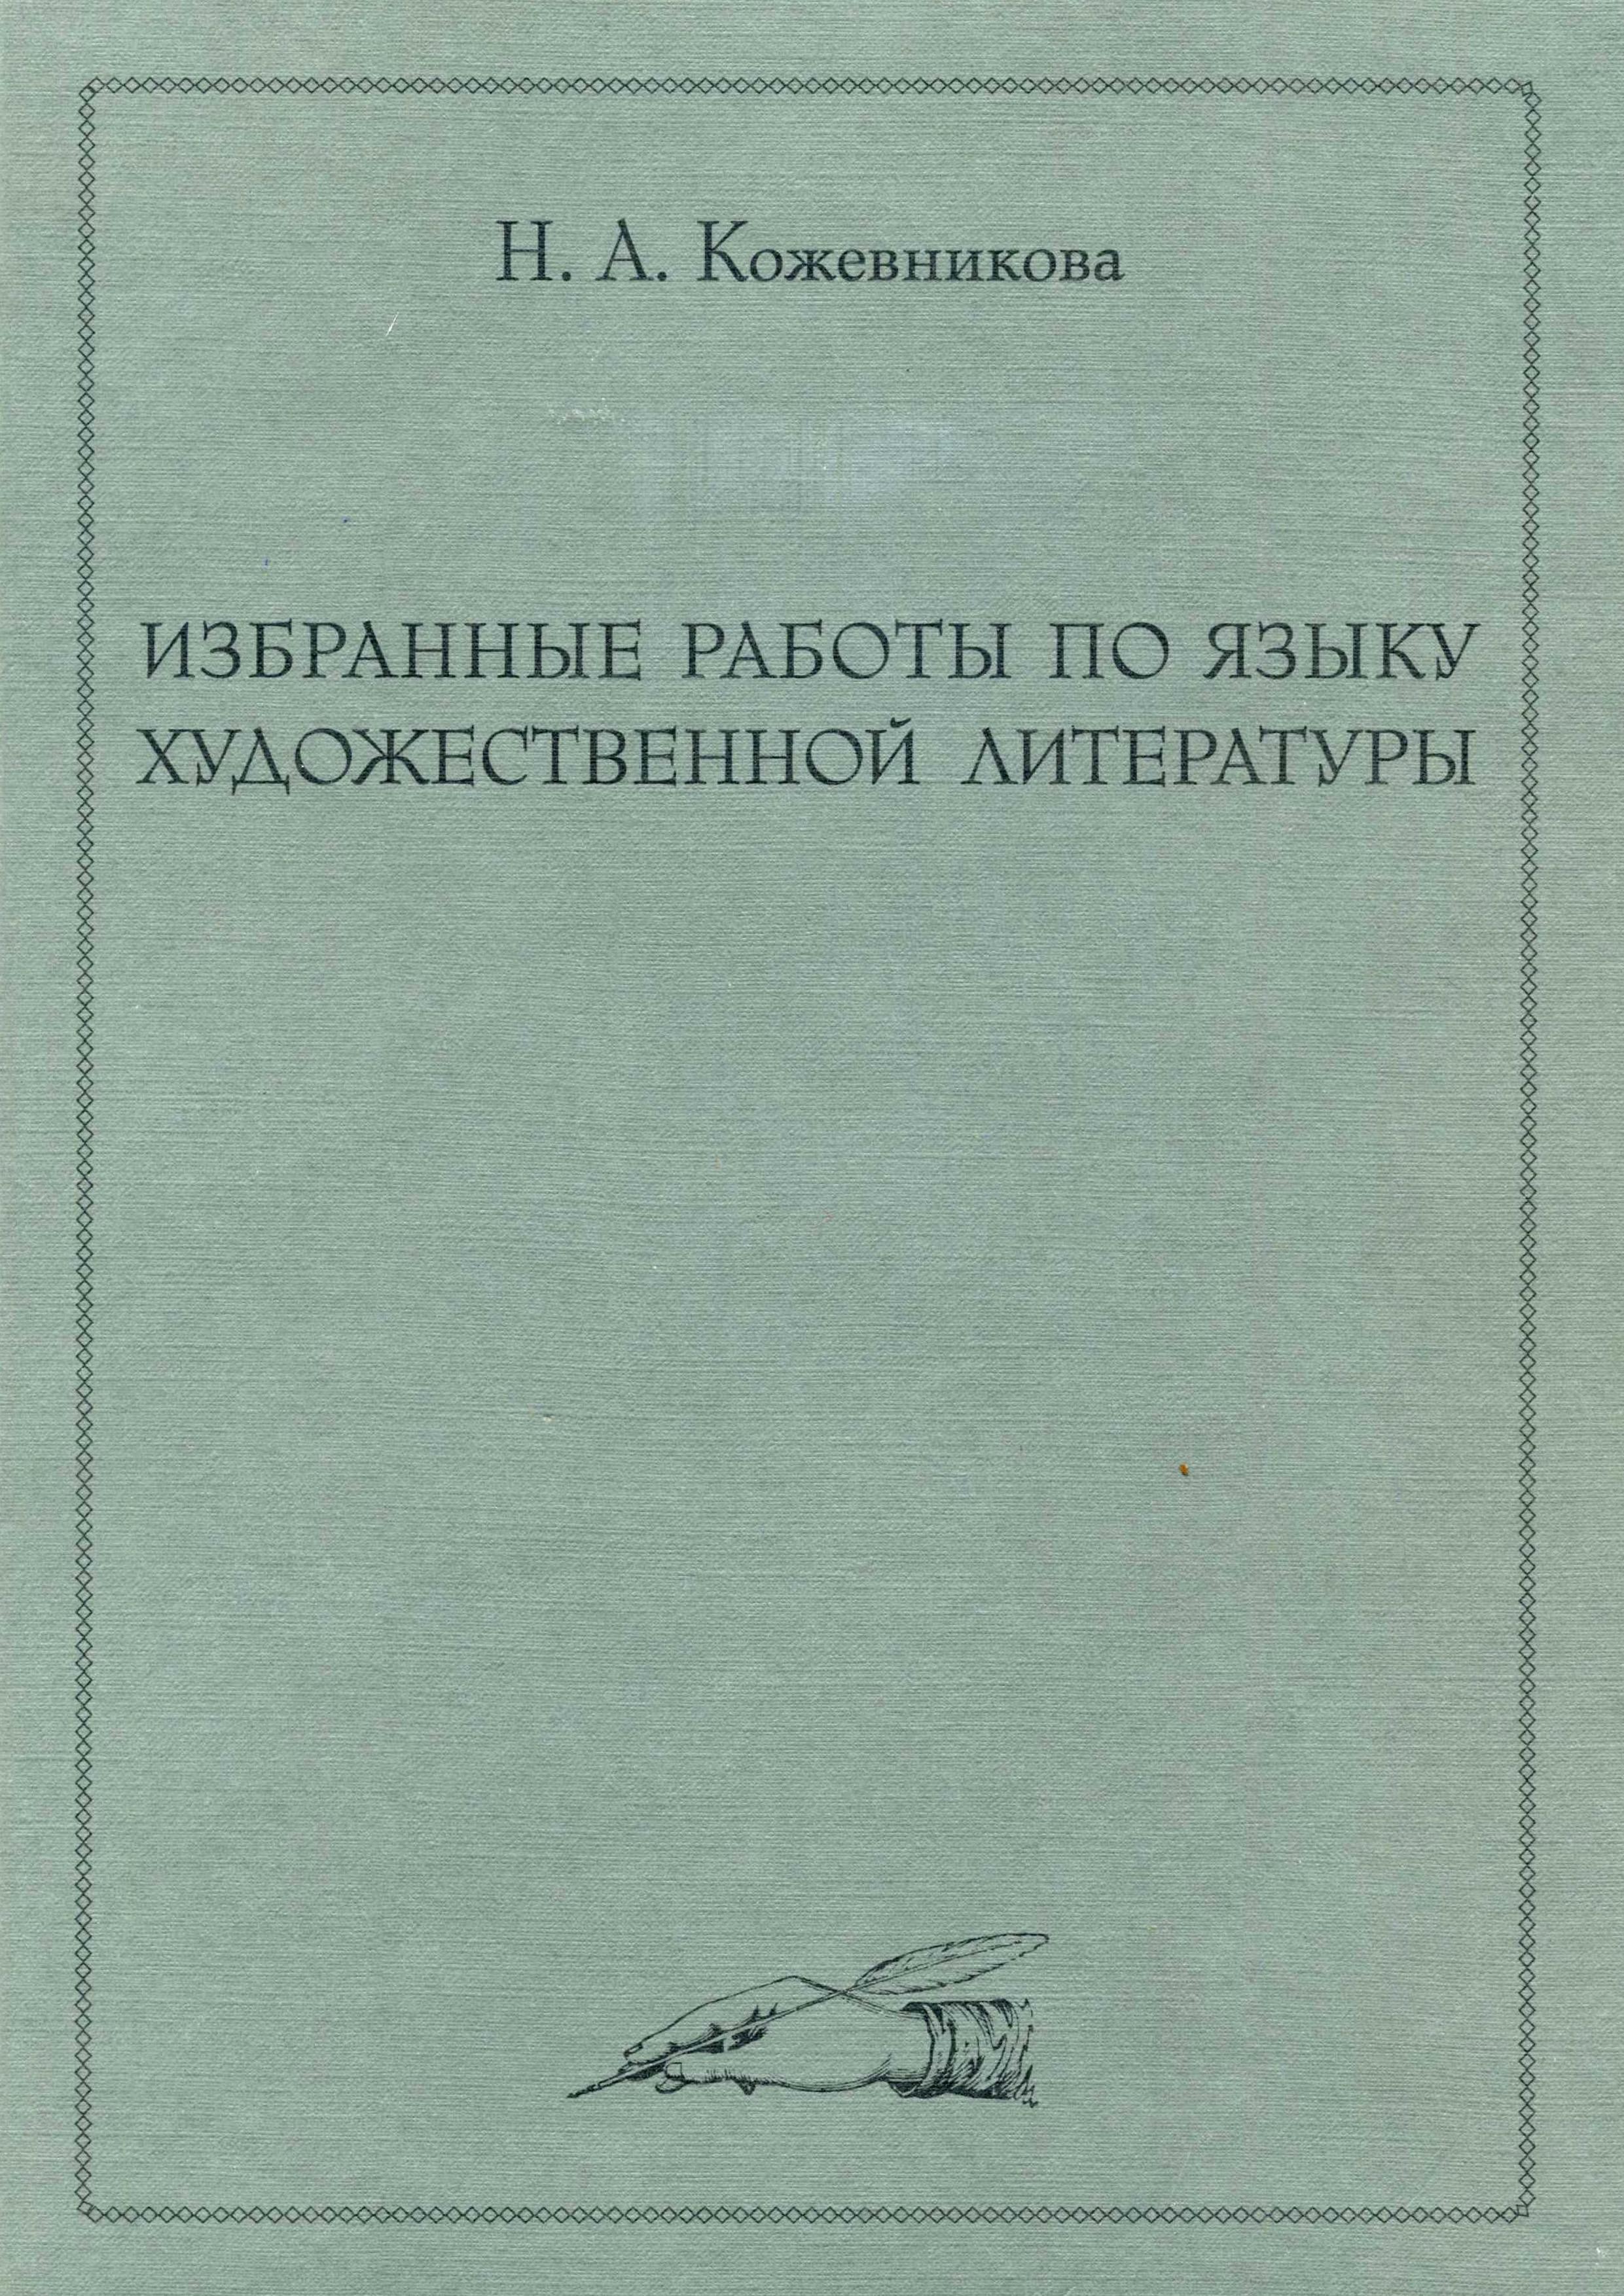 Н. А. Кожевникова / Избранные работы по языку художественной литературы